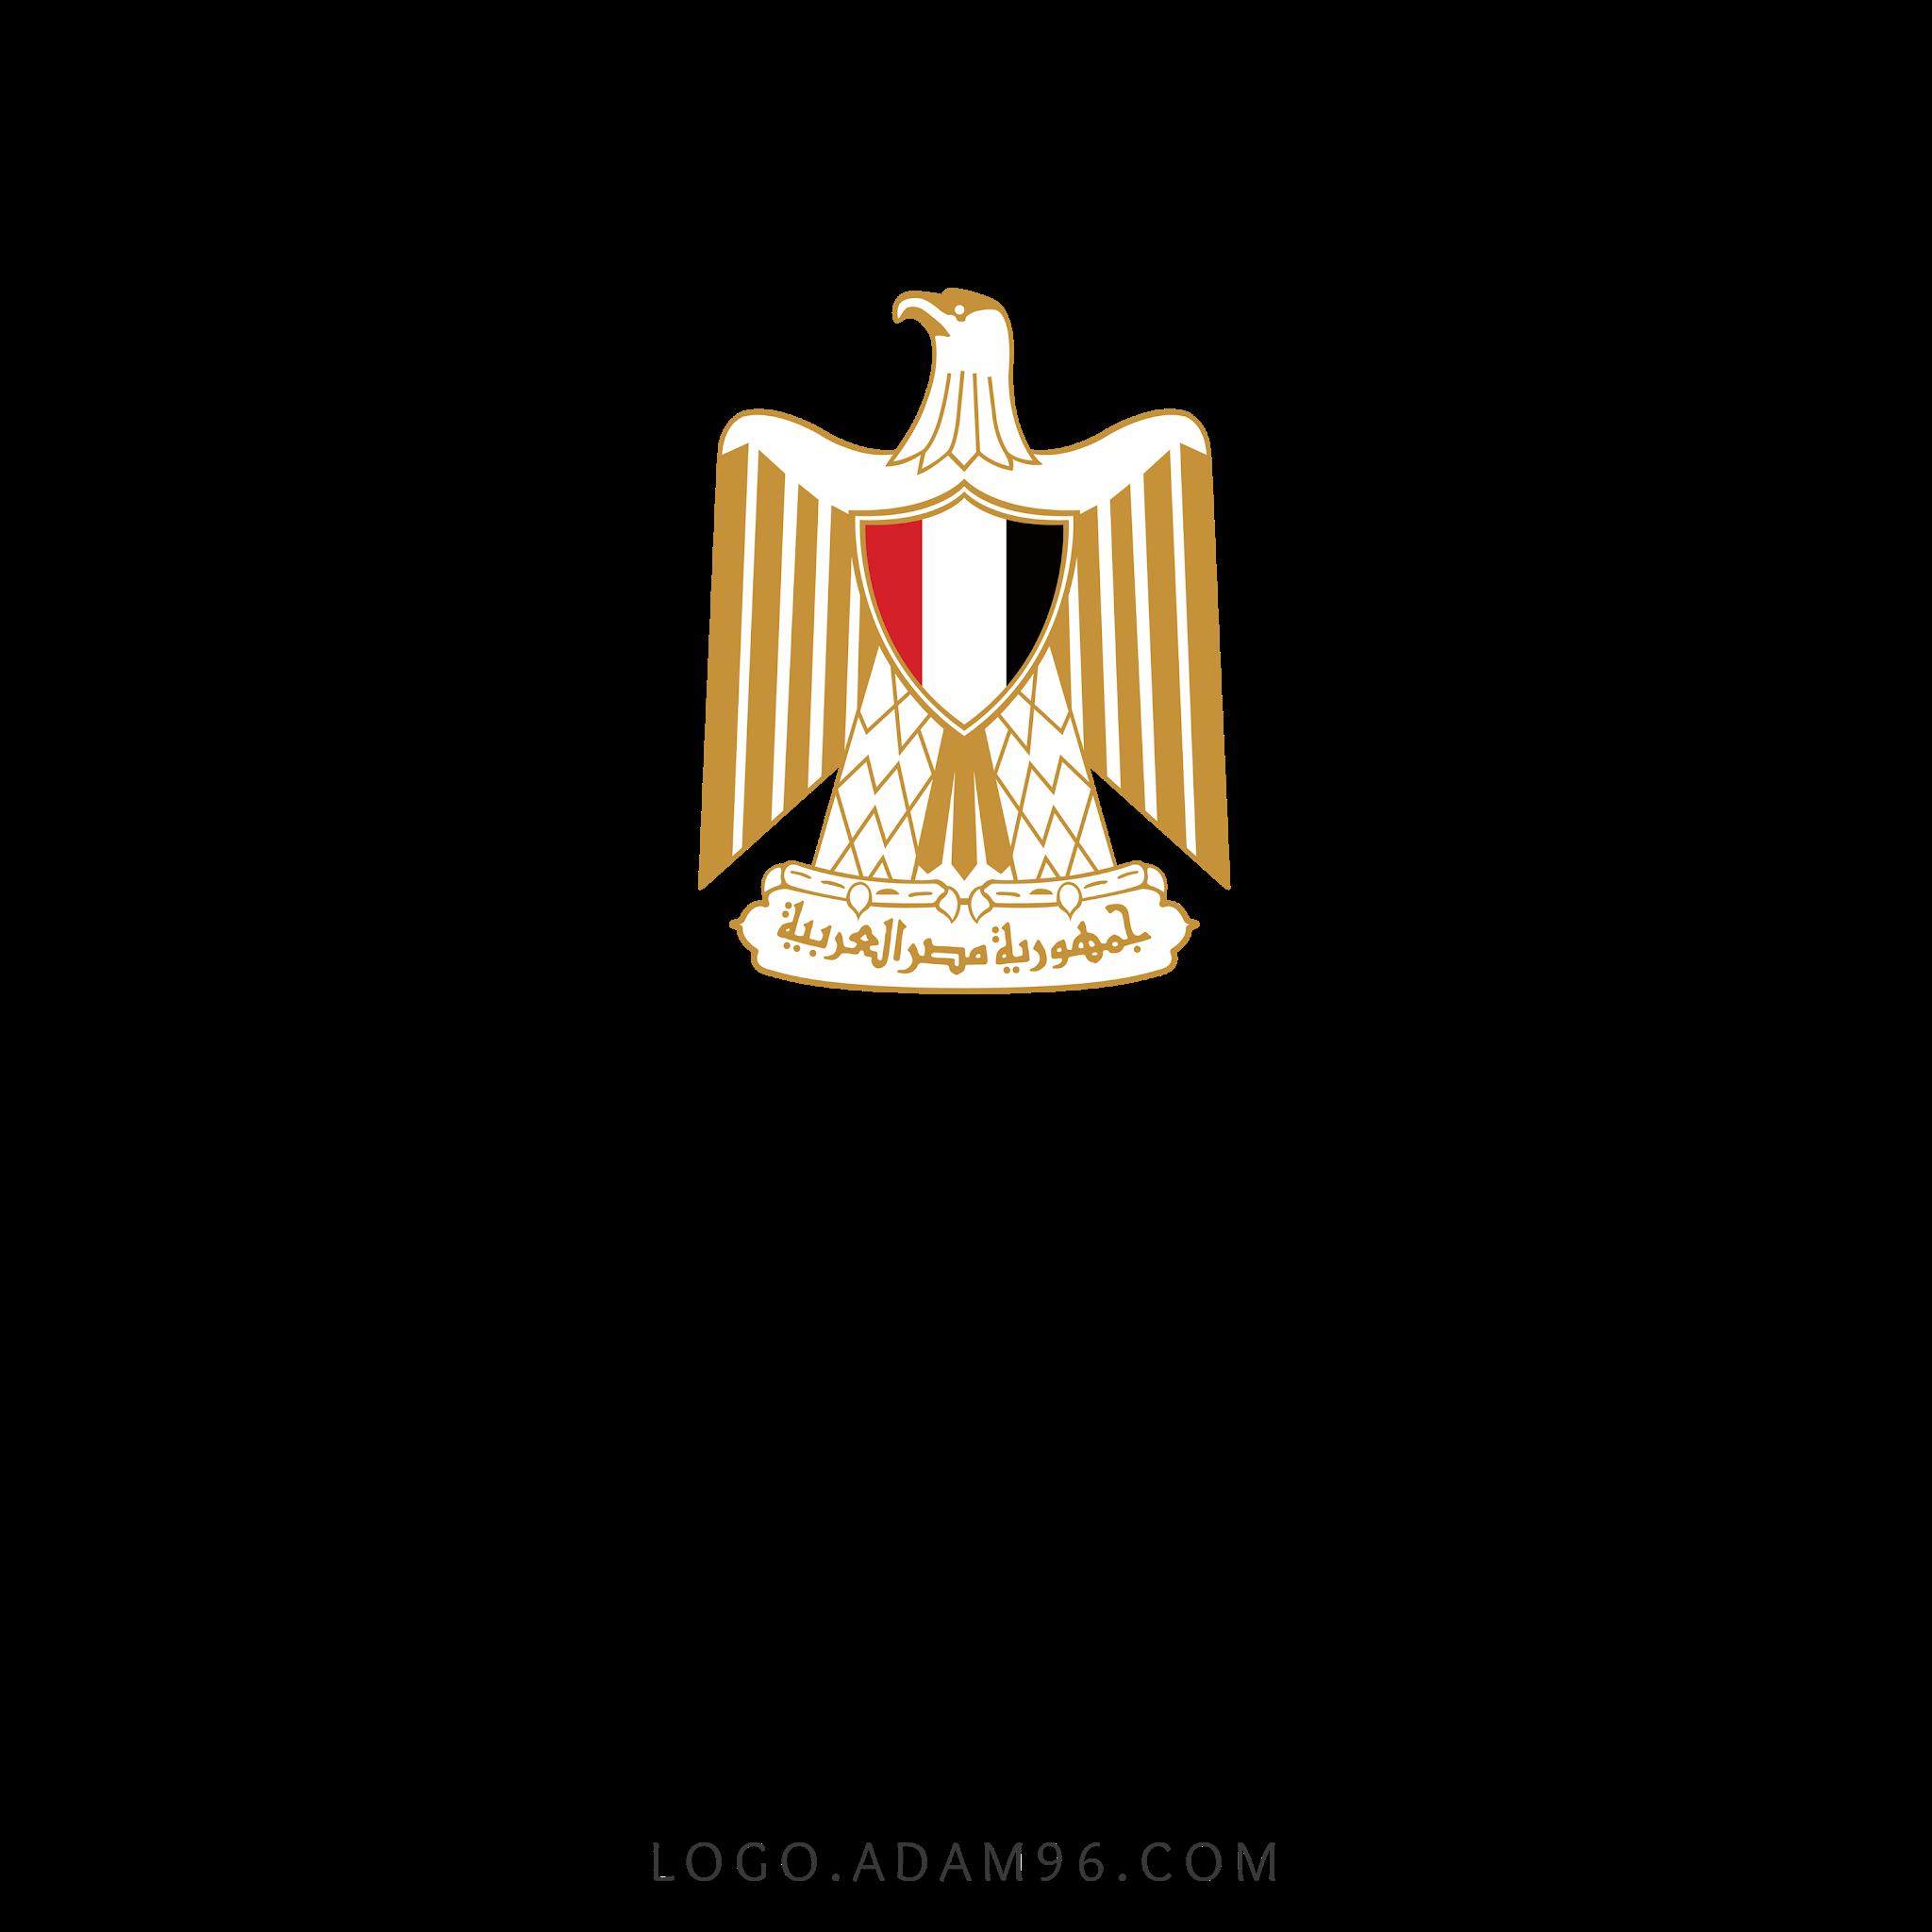 تحميل شعار وزارة التضامن جمهورية مصر العربية لوجو بصيغة شفافة PNG